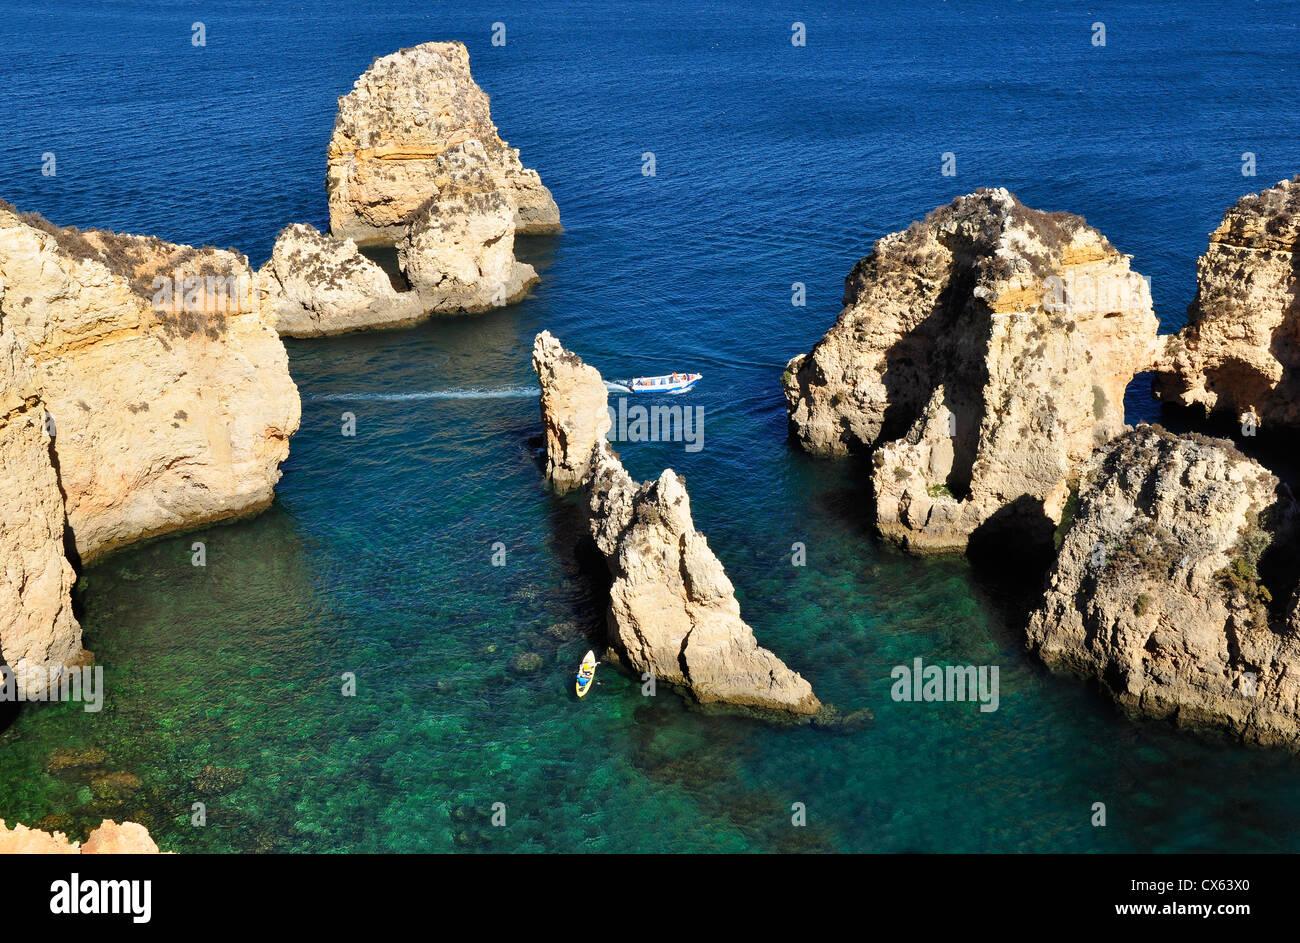 Seascape of Ponta da Piedade in Algarve, Portugal. Stock Photo